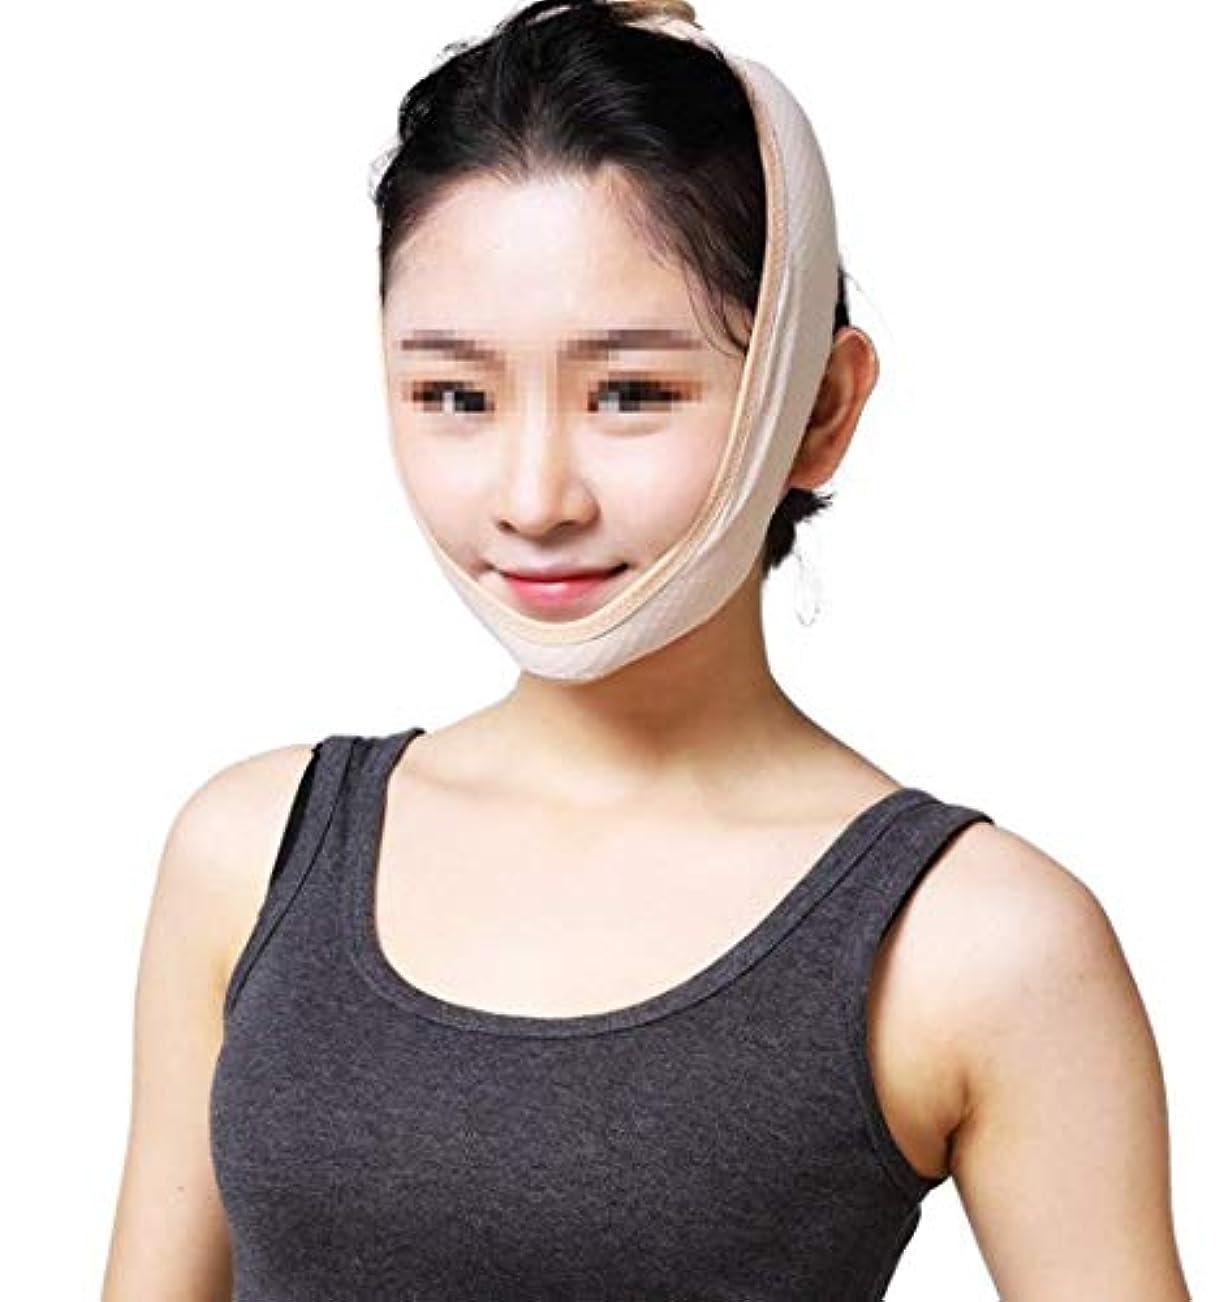 に勝るピクニックエール顔を持ち上げる包帯、口を開けて眠るのを防ぐための女性の通気性のいびきベルトいびきアーティファクトアンチあごの脱臼の修正包帯のいびき装置